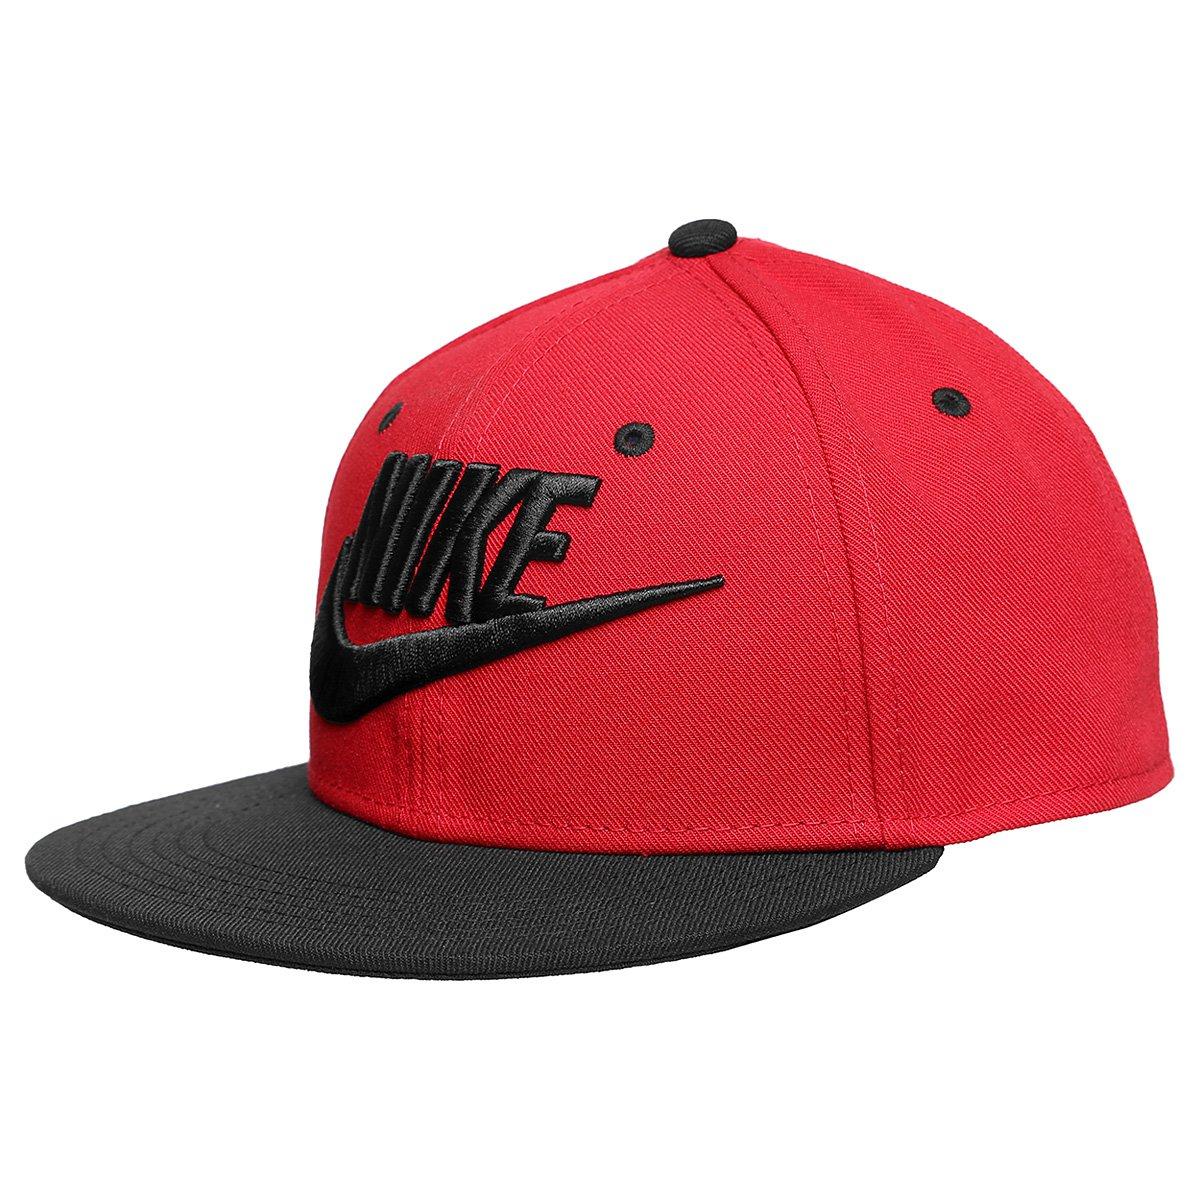 866b81db6b Boné Infantil Nike Aba Reta Futura Truel - Vermelho e Preto | Netshoes